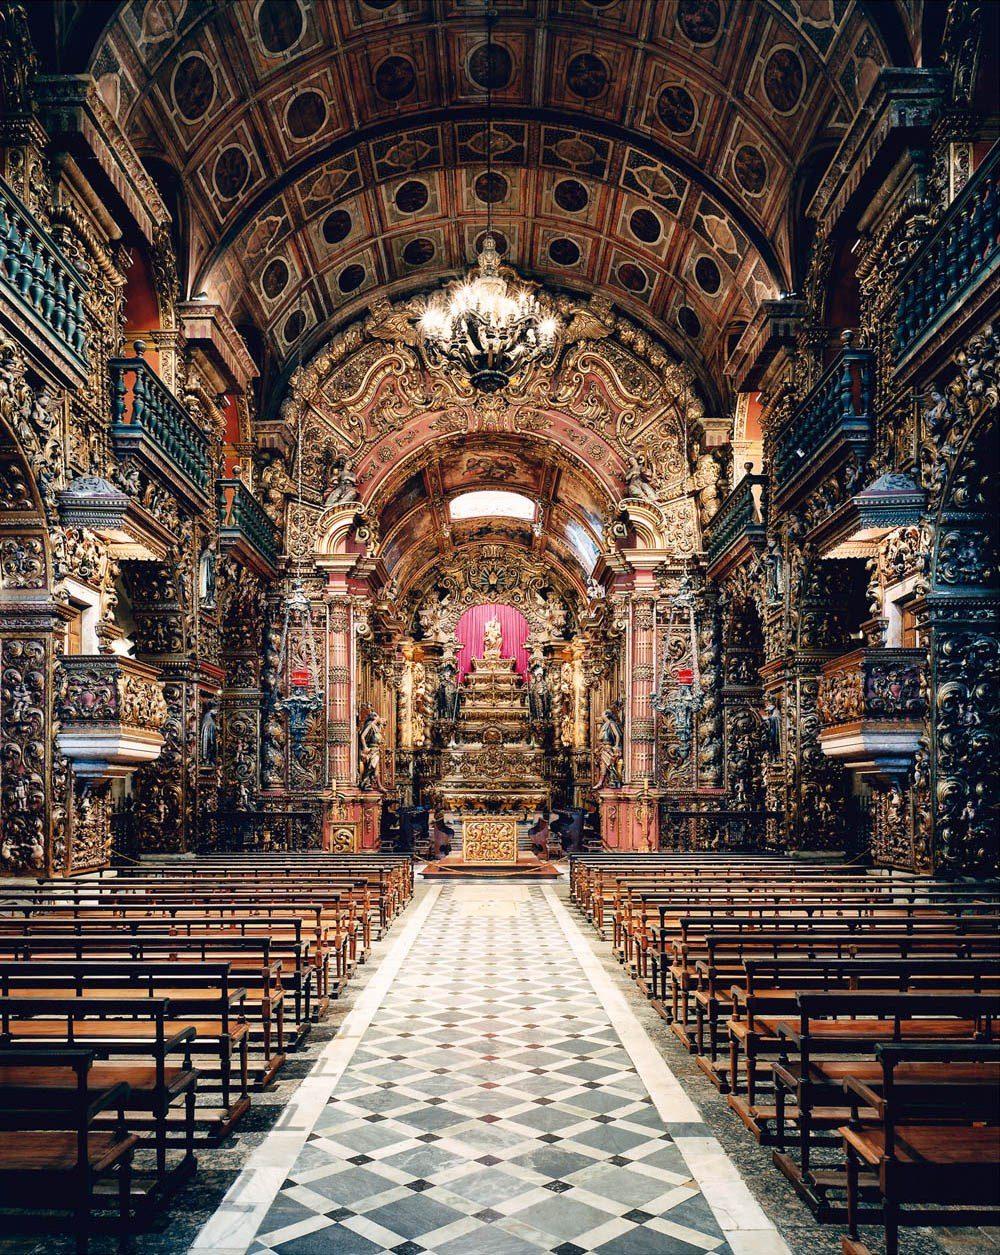 Igreja e Mosterio de Sao Bento de Janeiro I